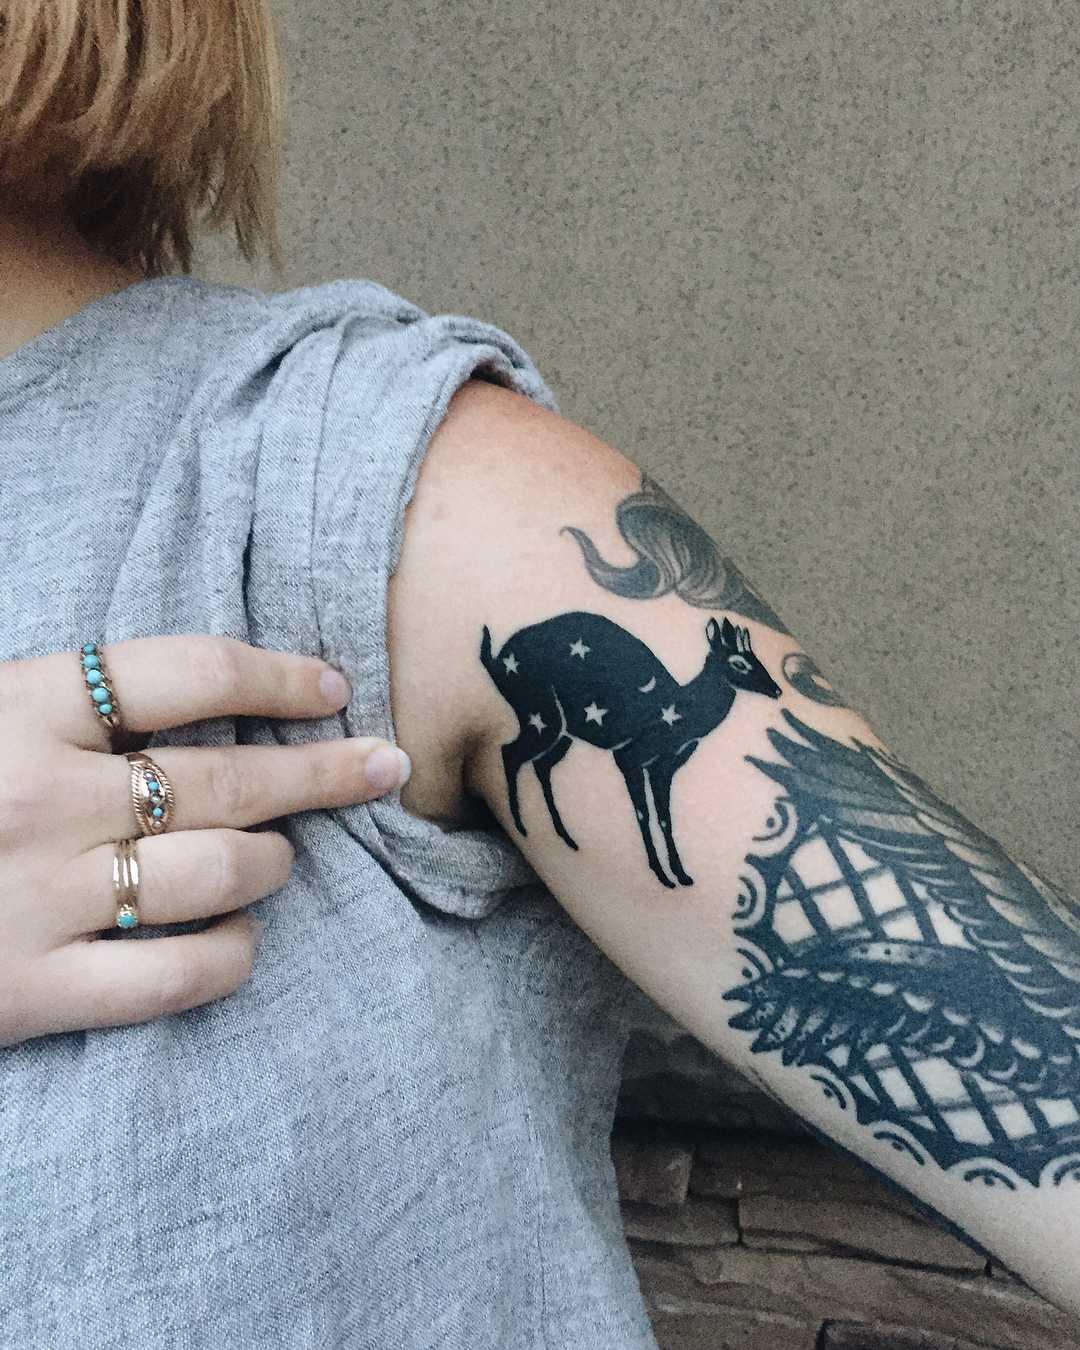 Sarry Dik-Dik tattoo